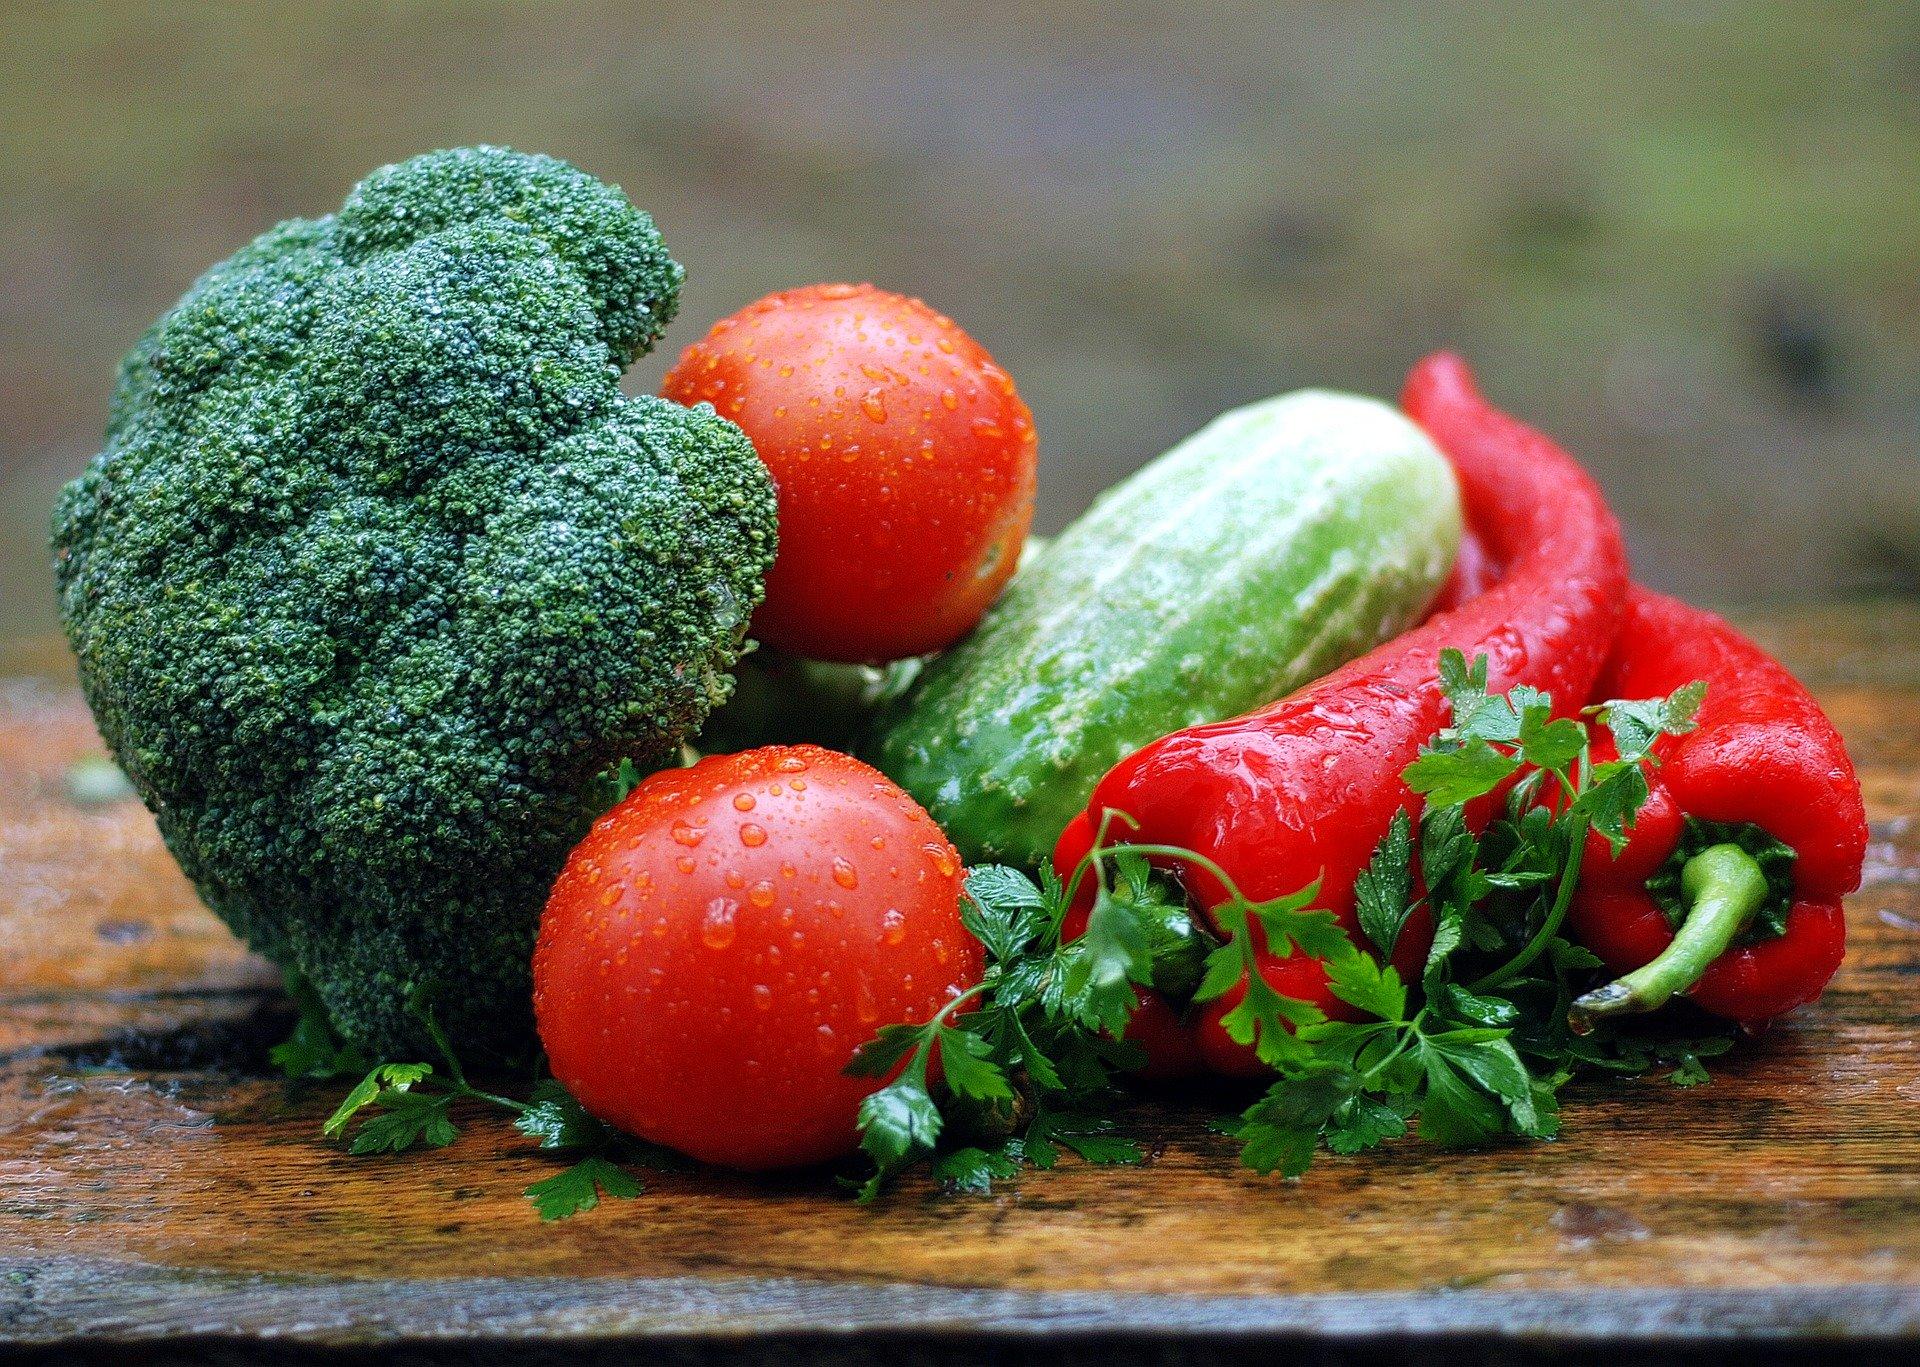 Cara Menyimpan Sayur di Kulkas Dengan Wadah